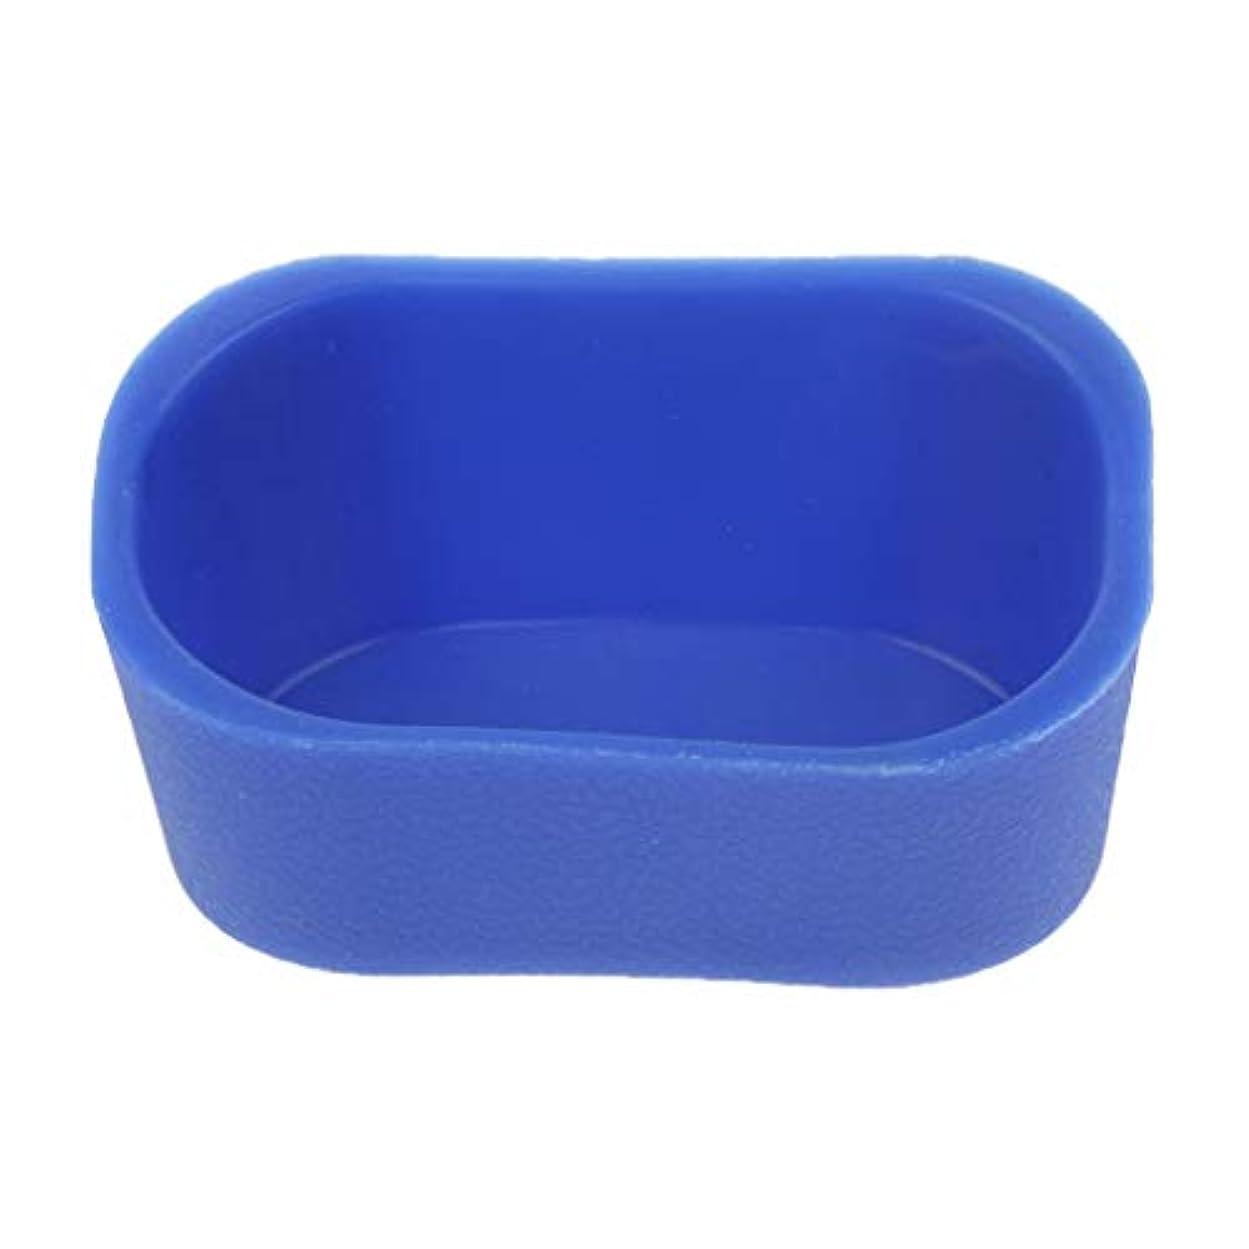 省略除外するリサイクルするD DOLITY シャンプーボウル ピロー ネックレス クッション 高品質 5色選べ - 青